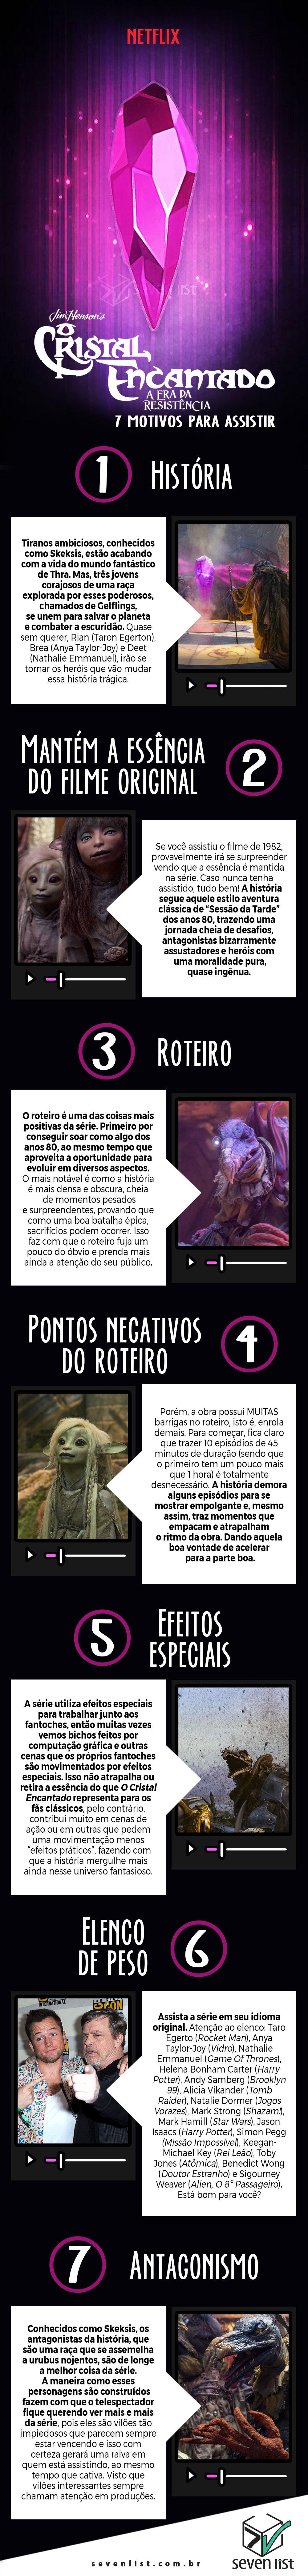 O CRISTAL ENCANTADO - 7 MOTIVOS PARA ASSISTIR - NETFLIX - SEVEN LIST